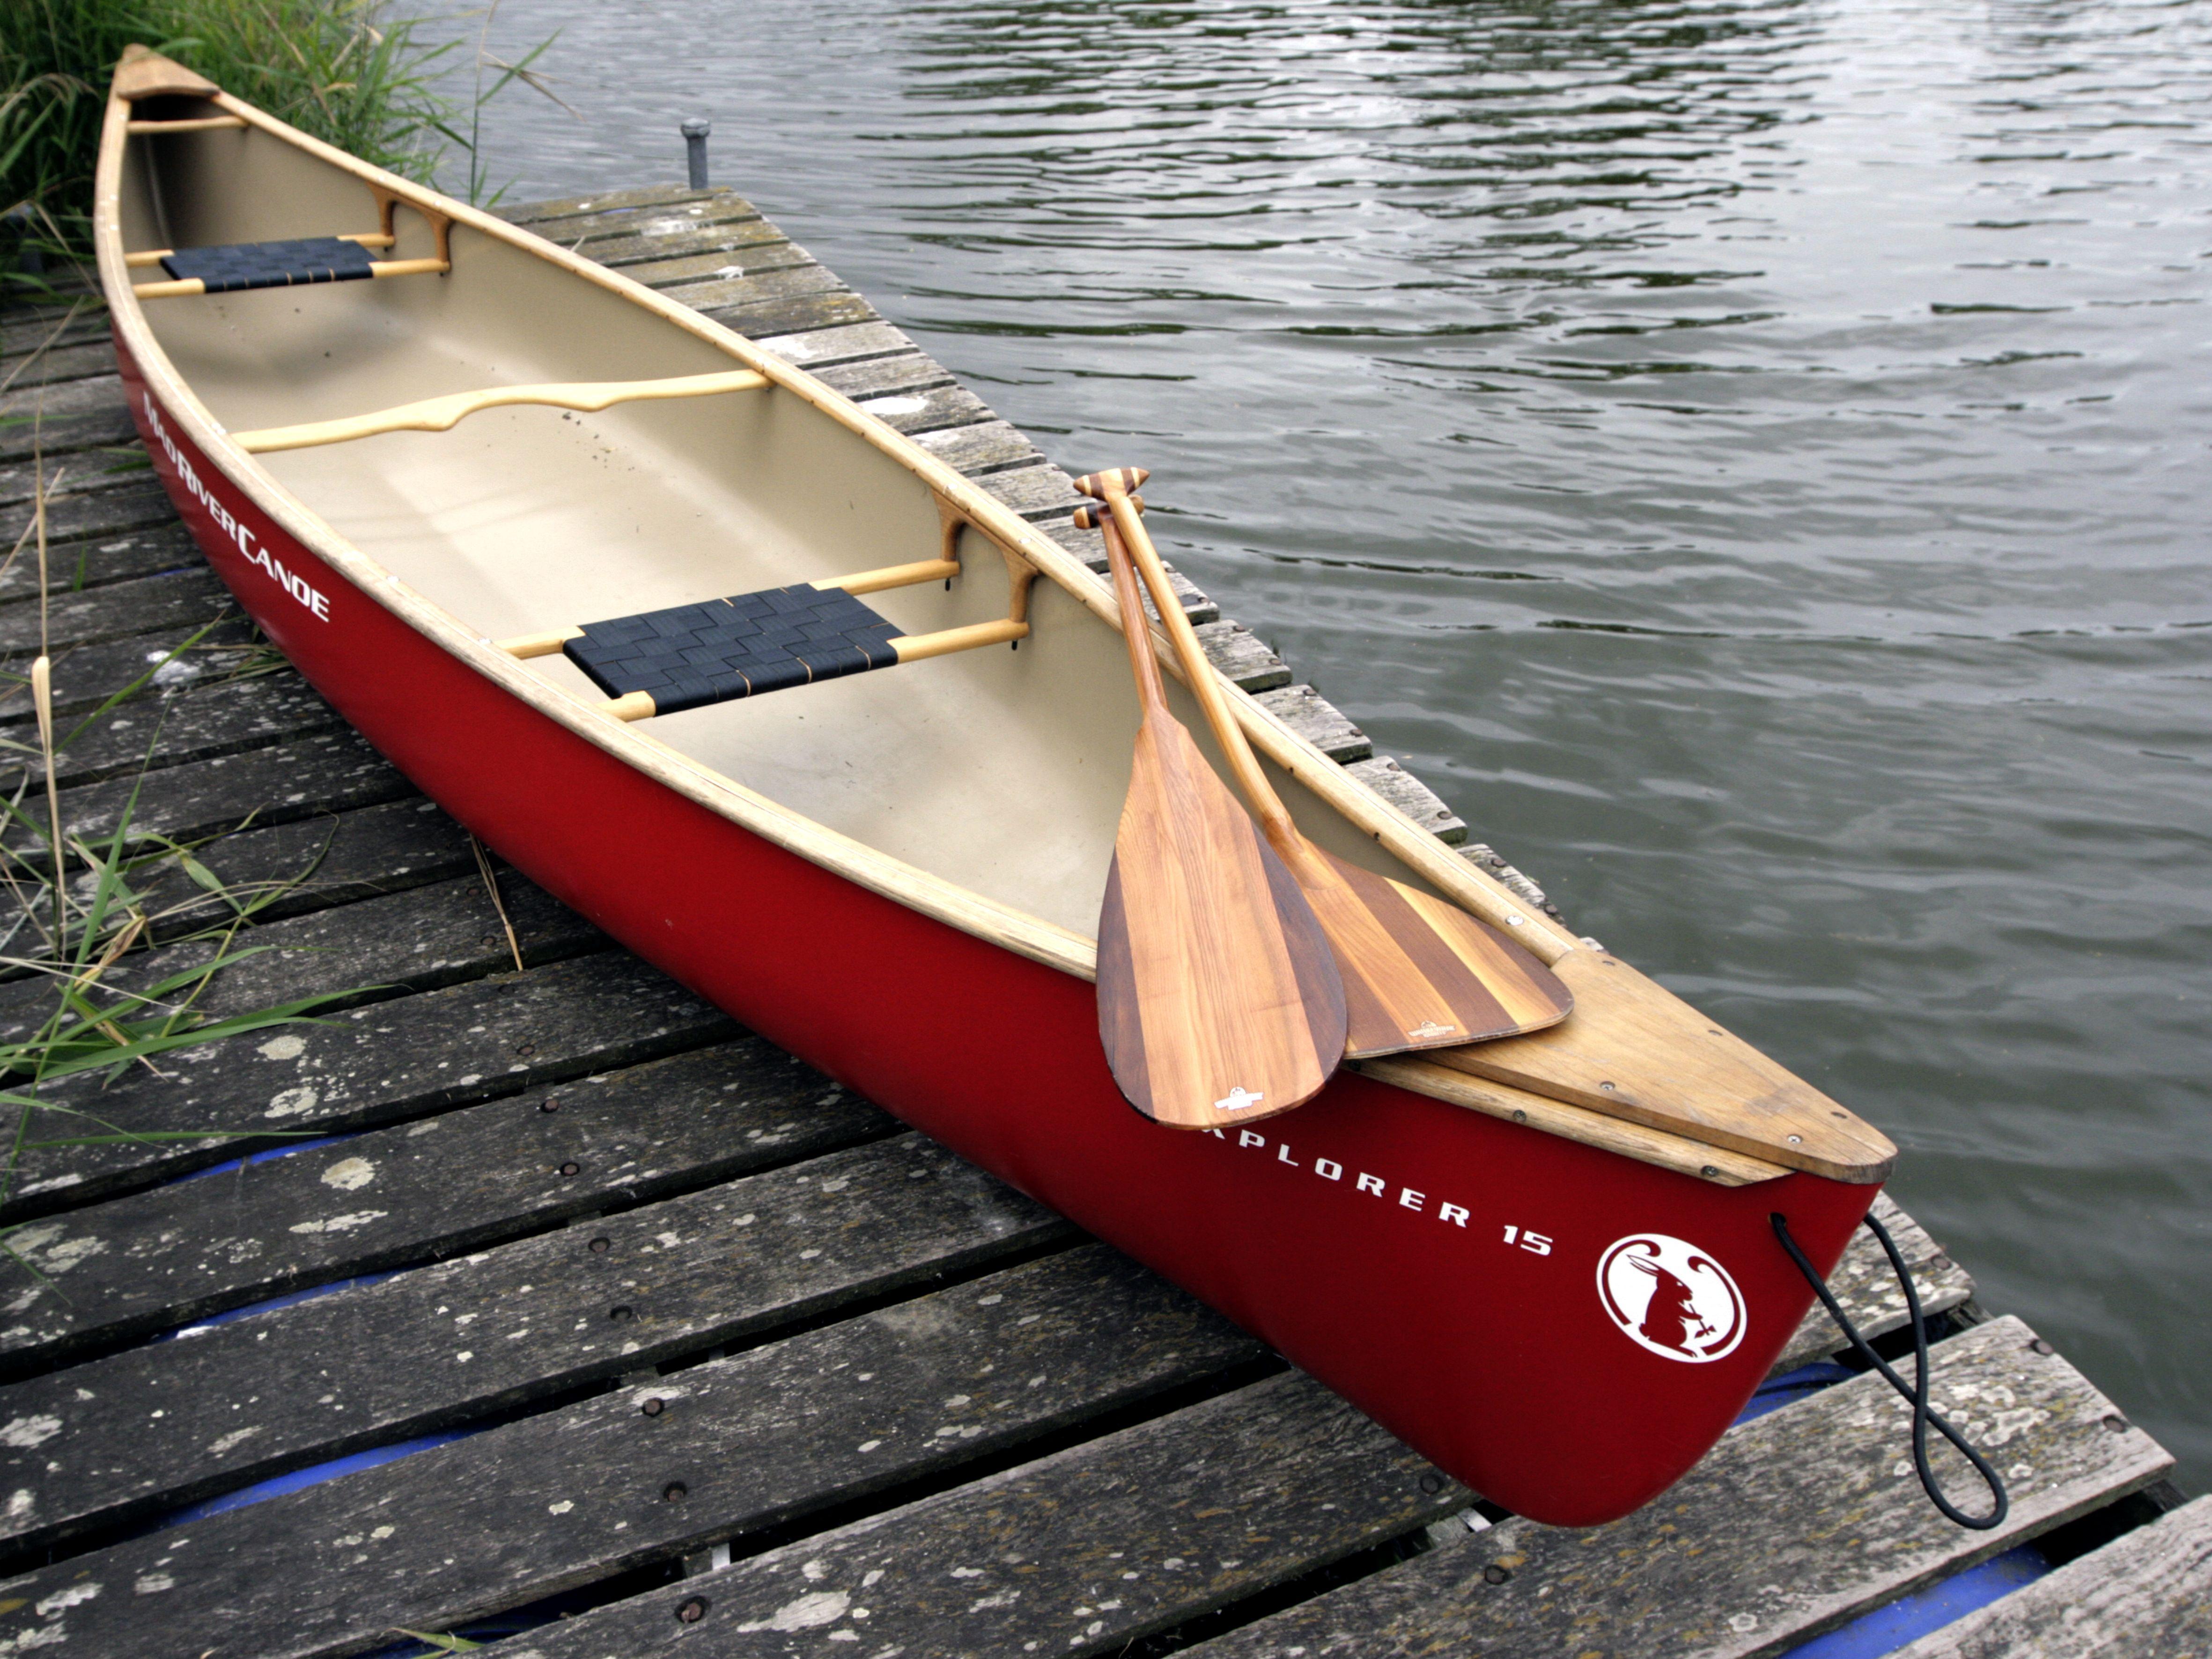 Explorer 15 - Mad River Canoe | Outdoors | Outrigger canoe, Kayaking